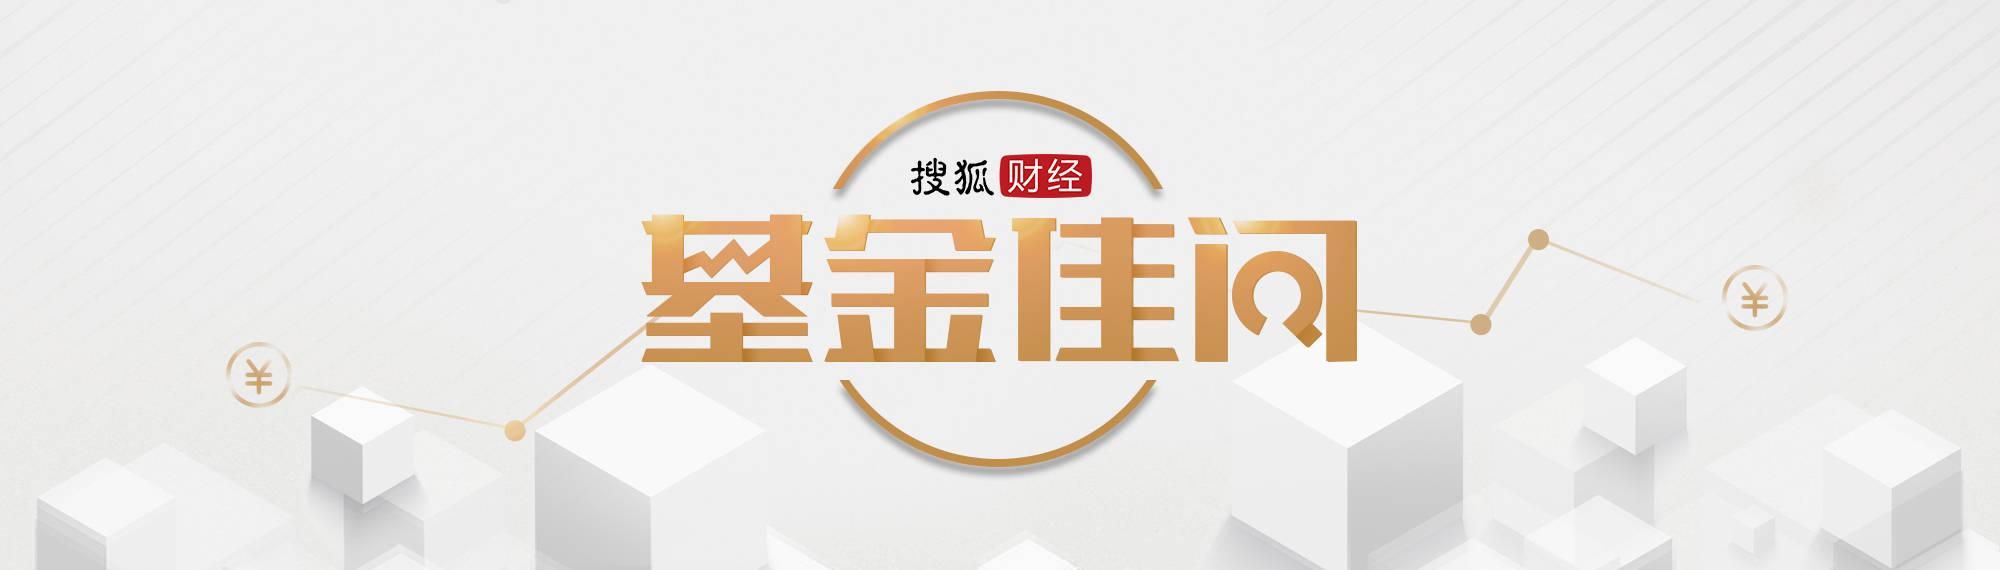 交行施罗德陈俊华:恒生指数对港股市场的代表性在未来会有显著提升